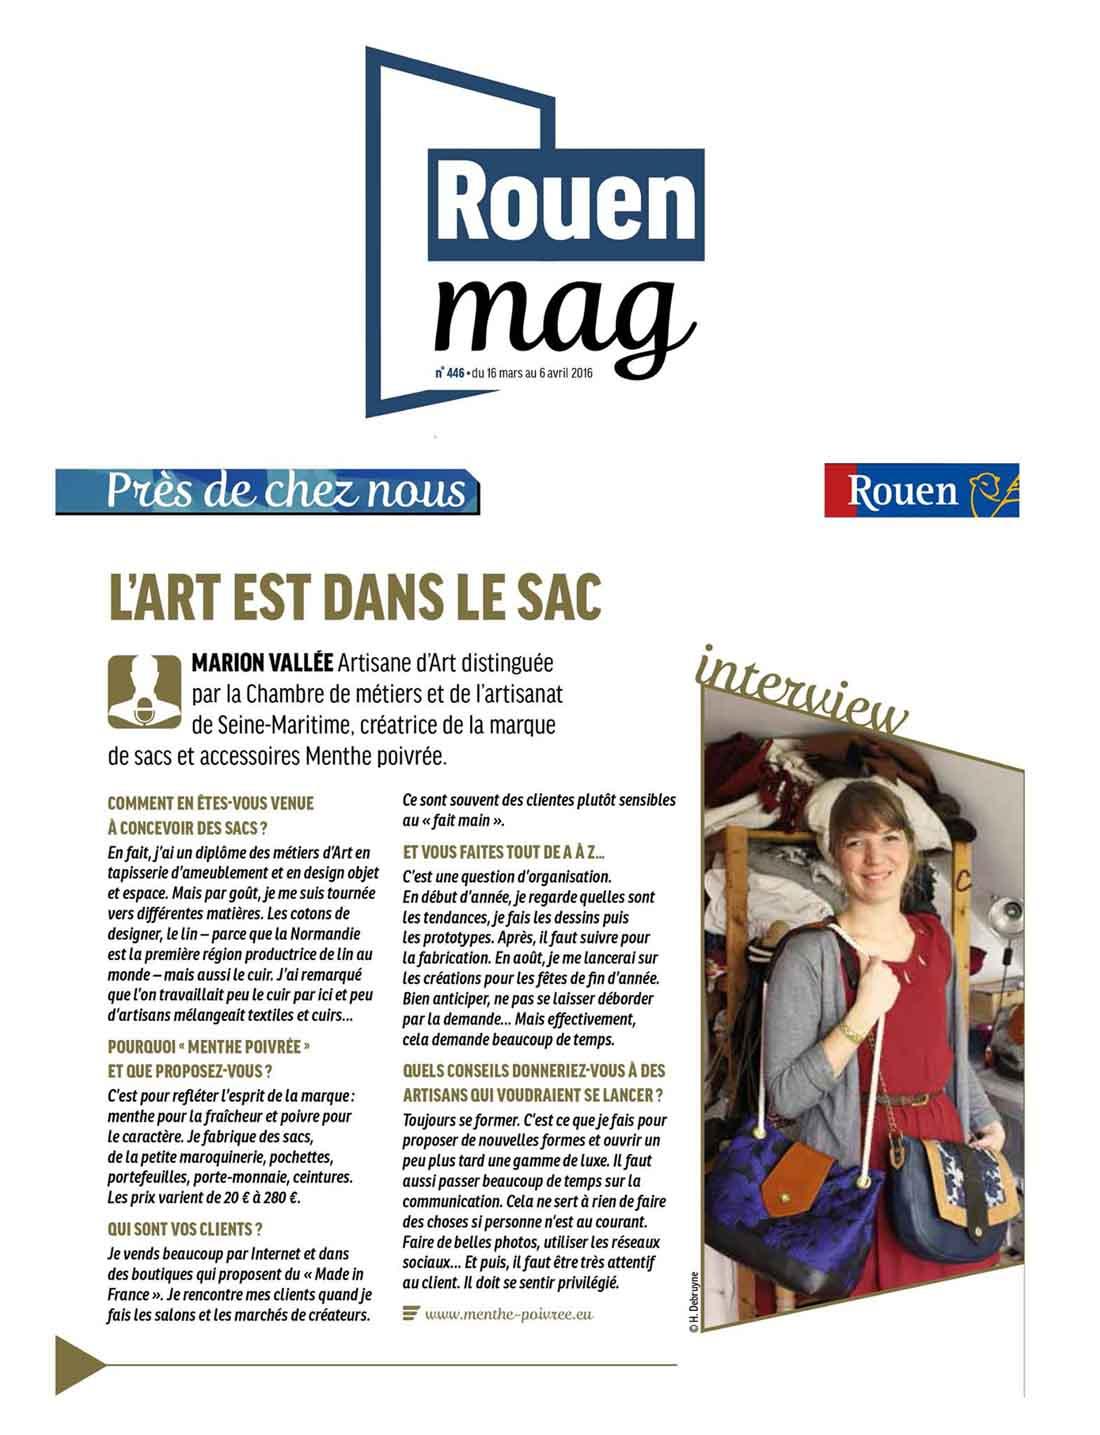 Interview Rouen Mag' - Menthe Poivrée